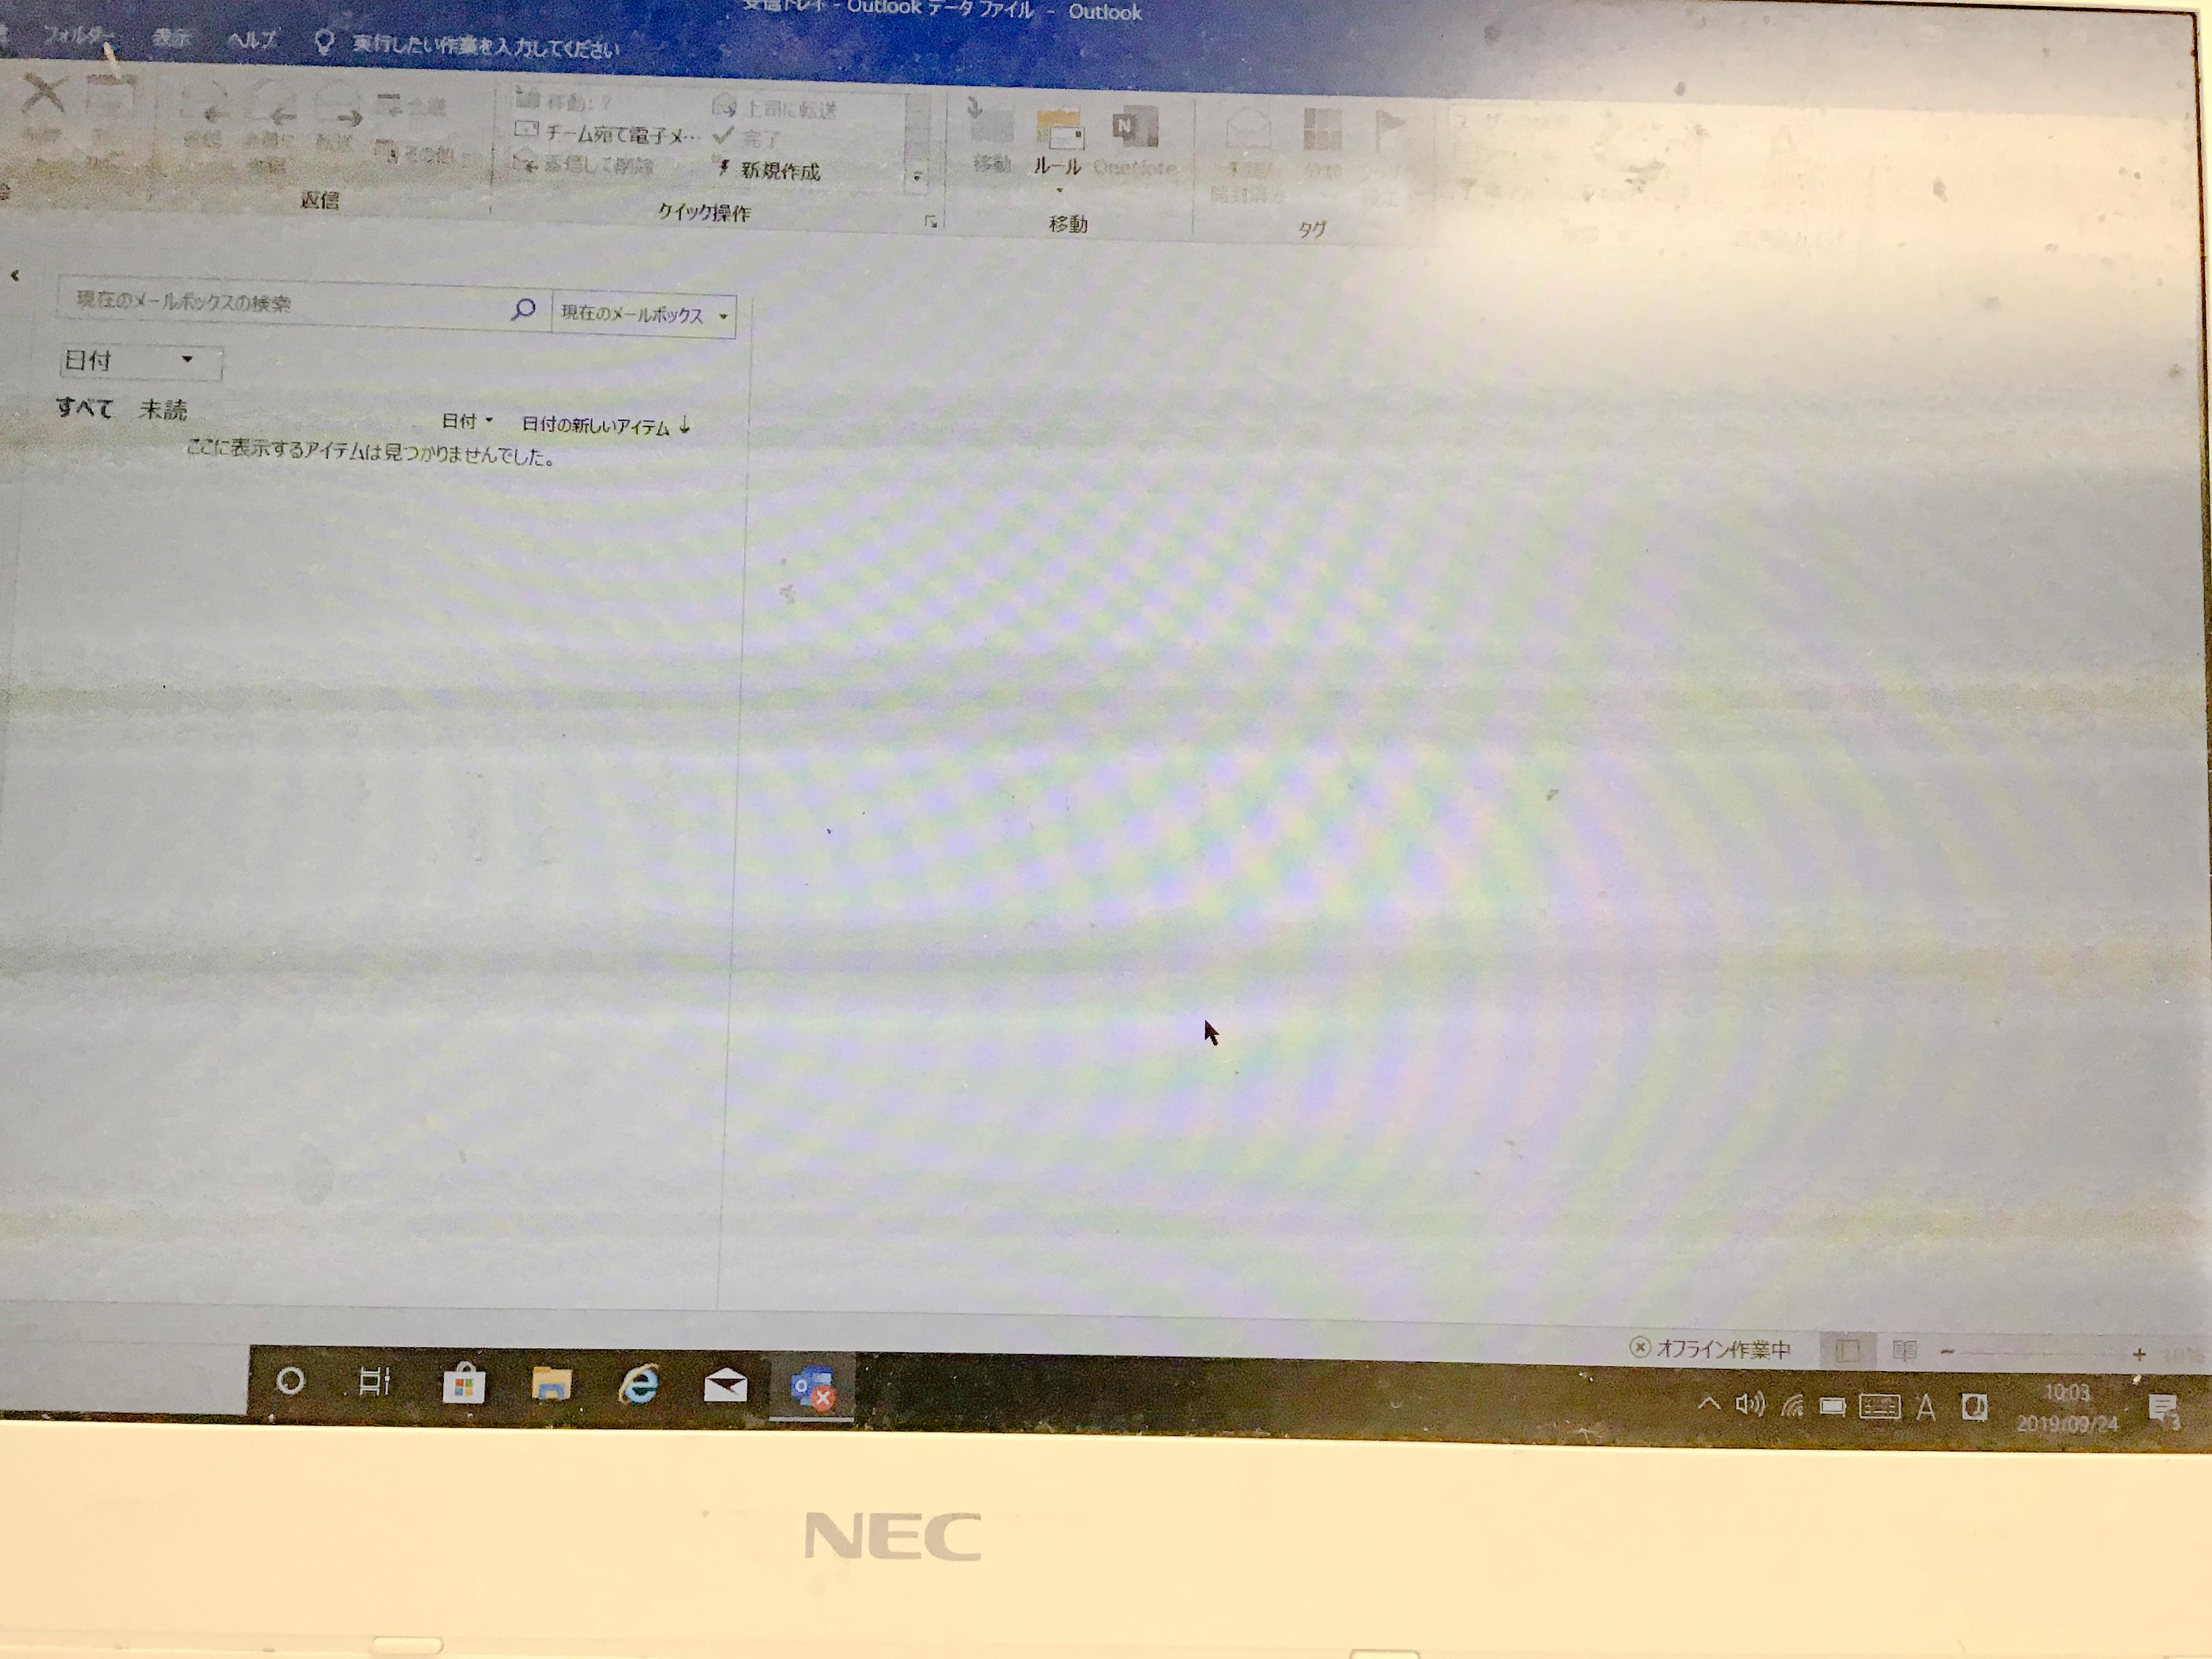 兵庫県神戸市長田区 ノートパソコン メールが受信できない/NEC Windows 10のイメージ